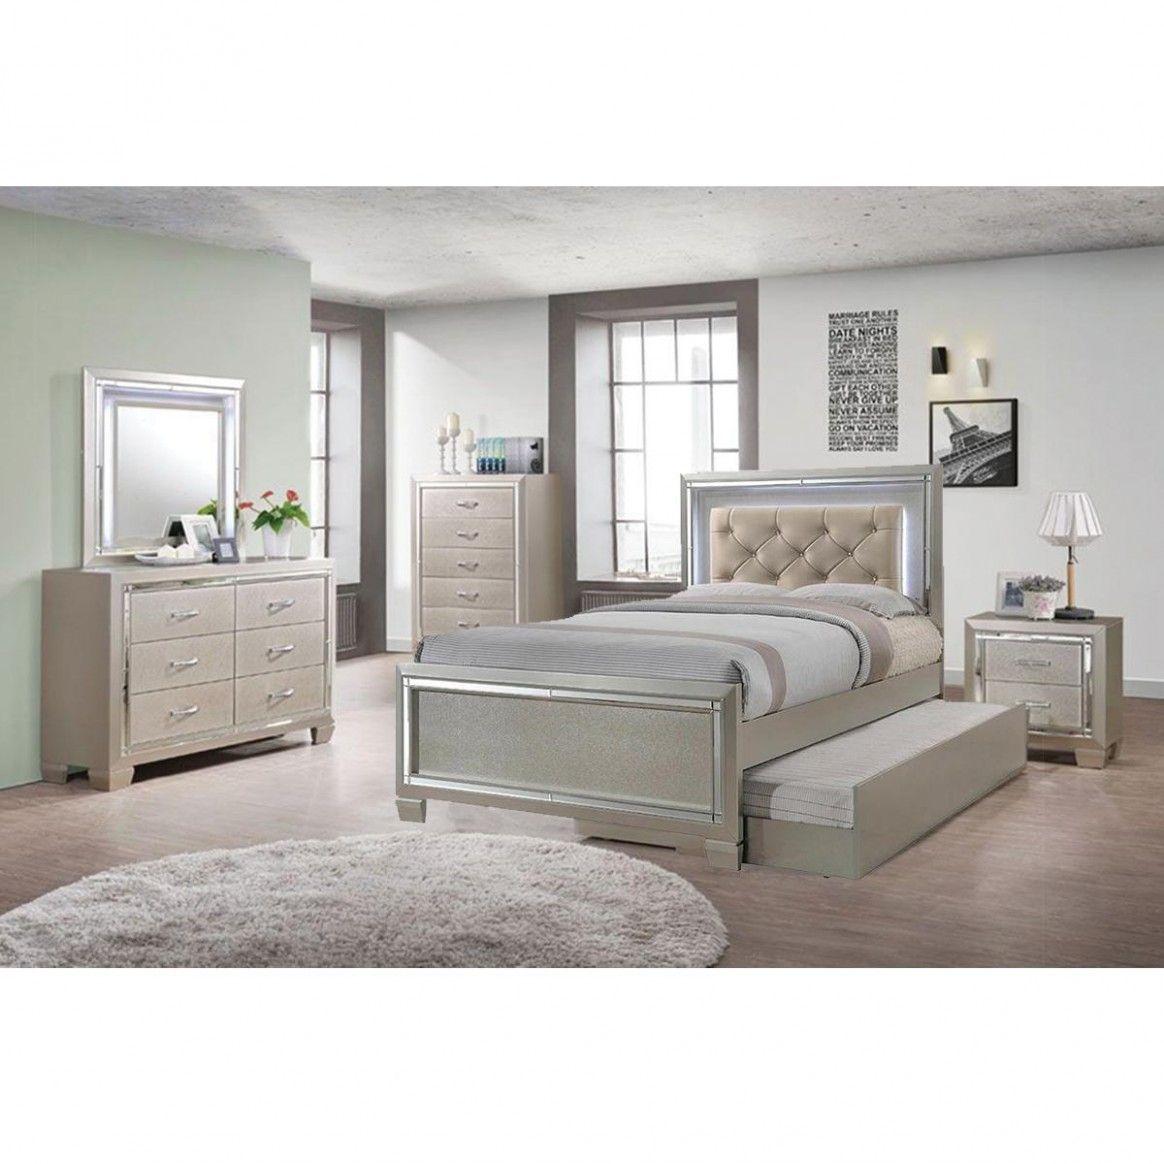 Bedroom Sets Nfm in 8  Bedroom furniture sets, Bedroom sets